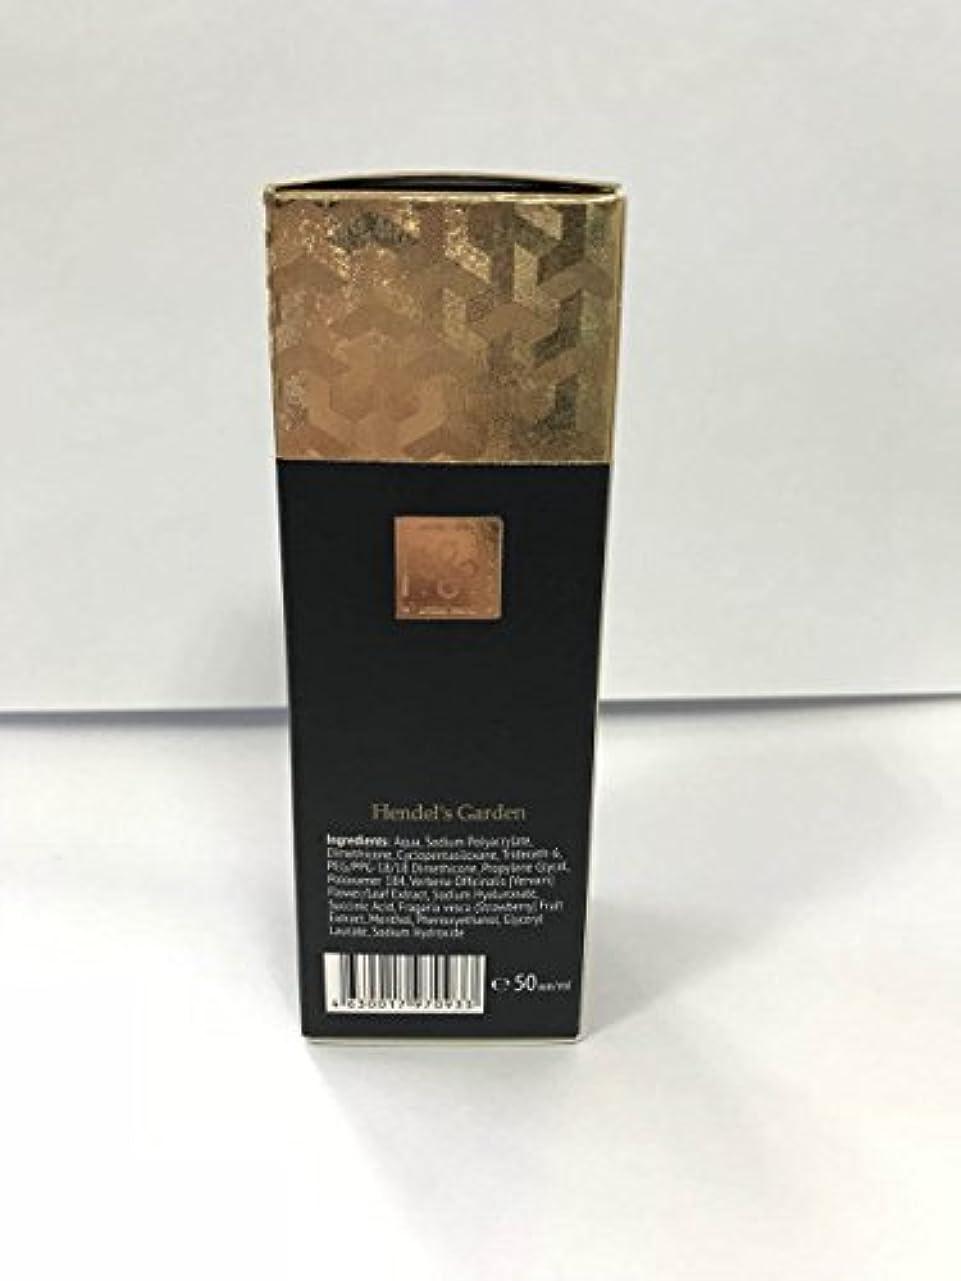 ピクニック真向こう自我タイタンジェル ゴールド Titan gel Gold 50ml 日本語説明付き [並行輸入品]